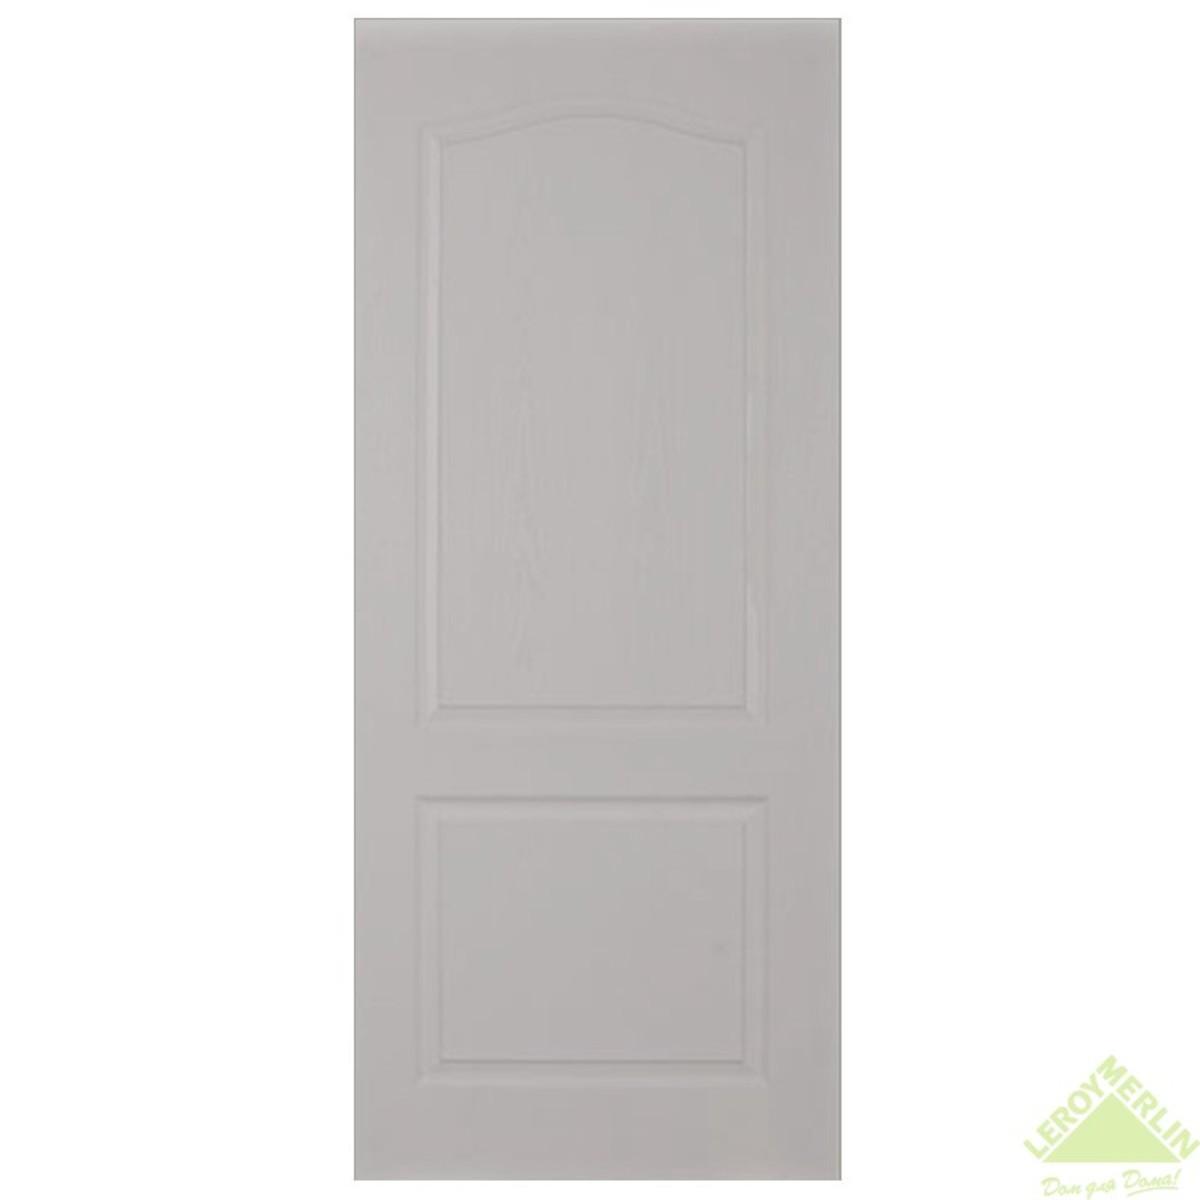 Дверь Межкомнатная Глухая Палитра 80x200 Ламинация Цвет Дуб Белёный